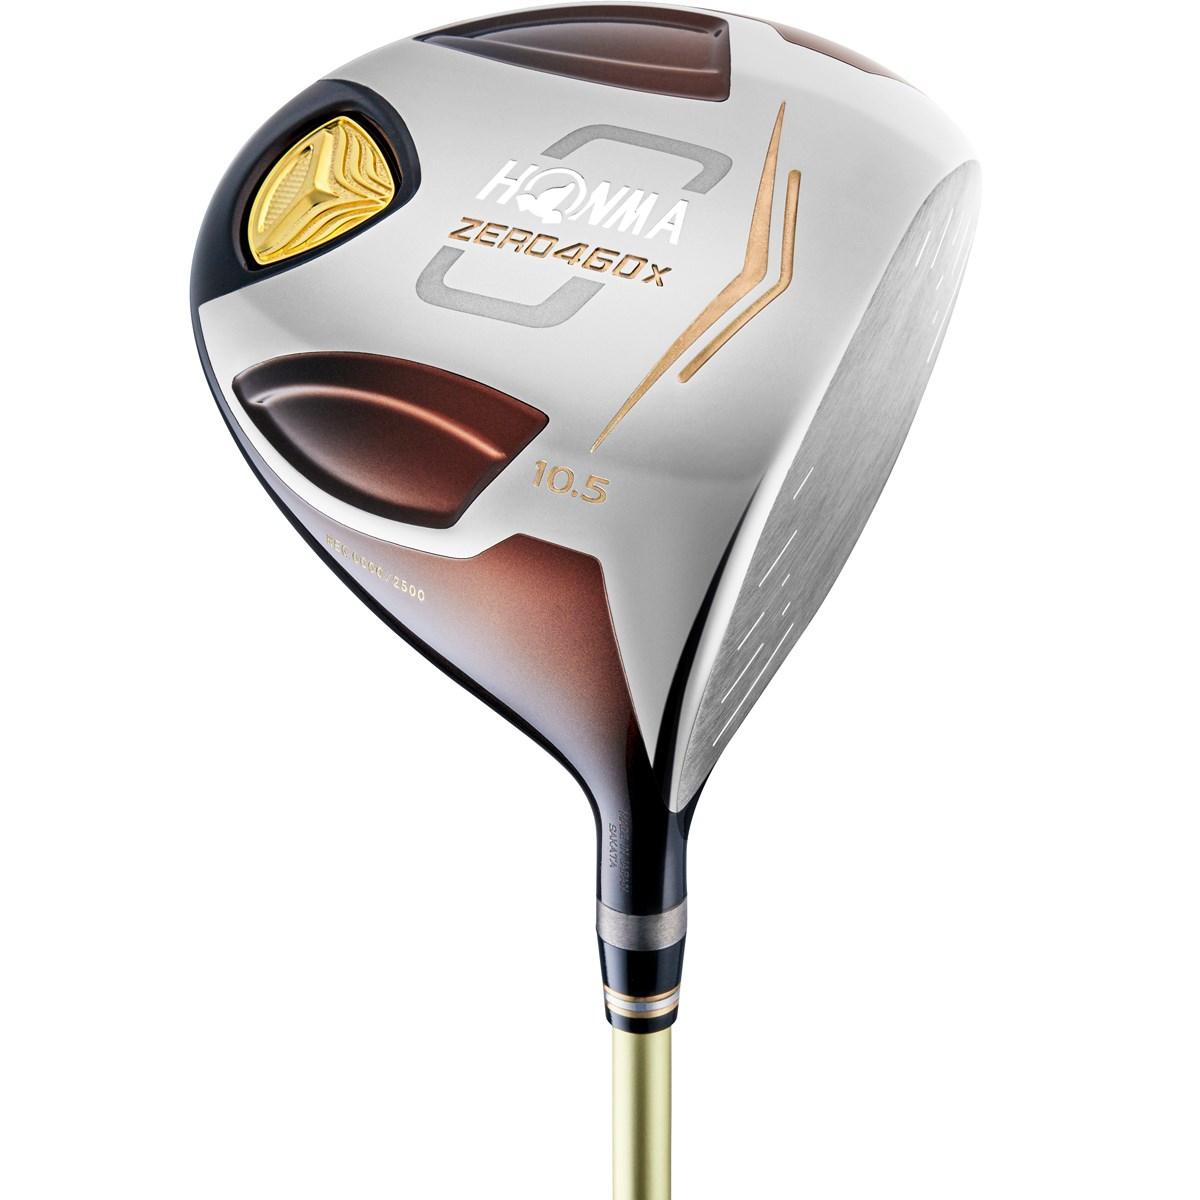 本間ゴルフ(HONMA GOLF) ゼロ460x ドライバー ARMRQ X 47 2S 高反発モデル【ルール非適合】